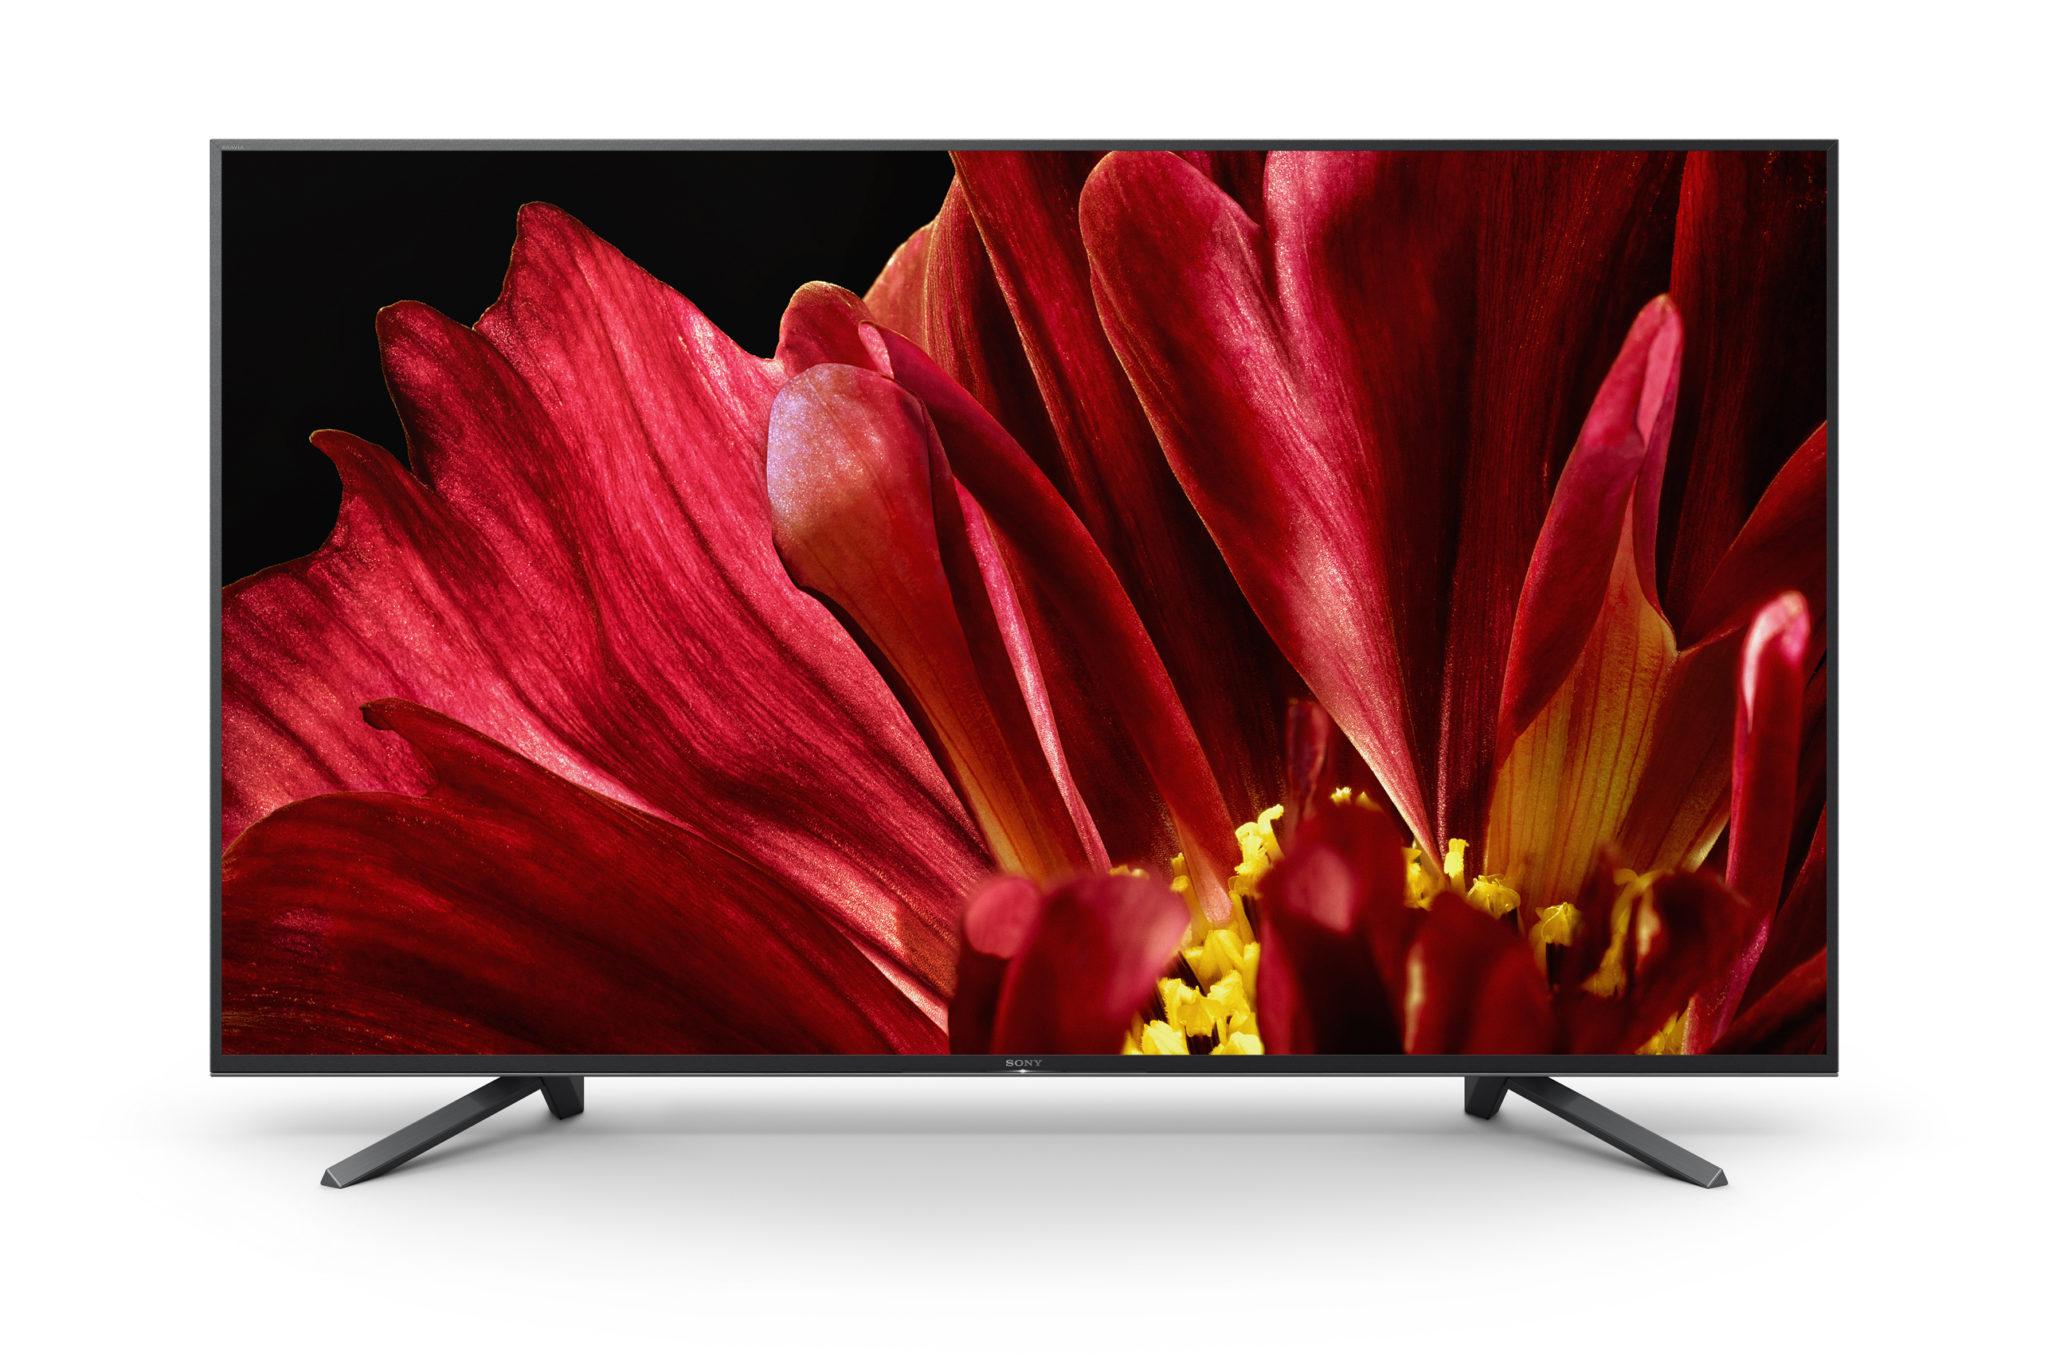 95d7b4fdd CalMAN® spĺňa náročné požiadavky divákov a tvorcov obsahu vysielania a  dlhodobo umožňuje zachovať vysokú kvalitu obrazu.